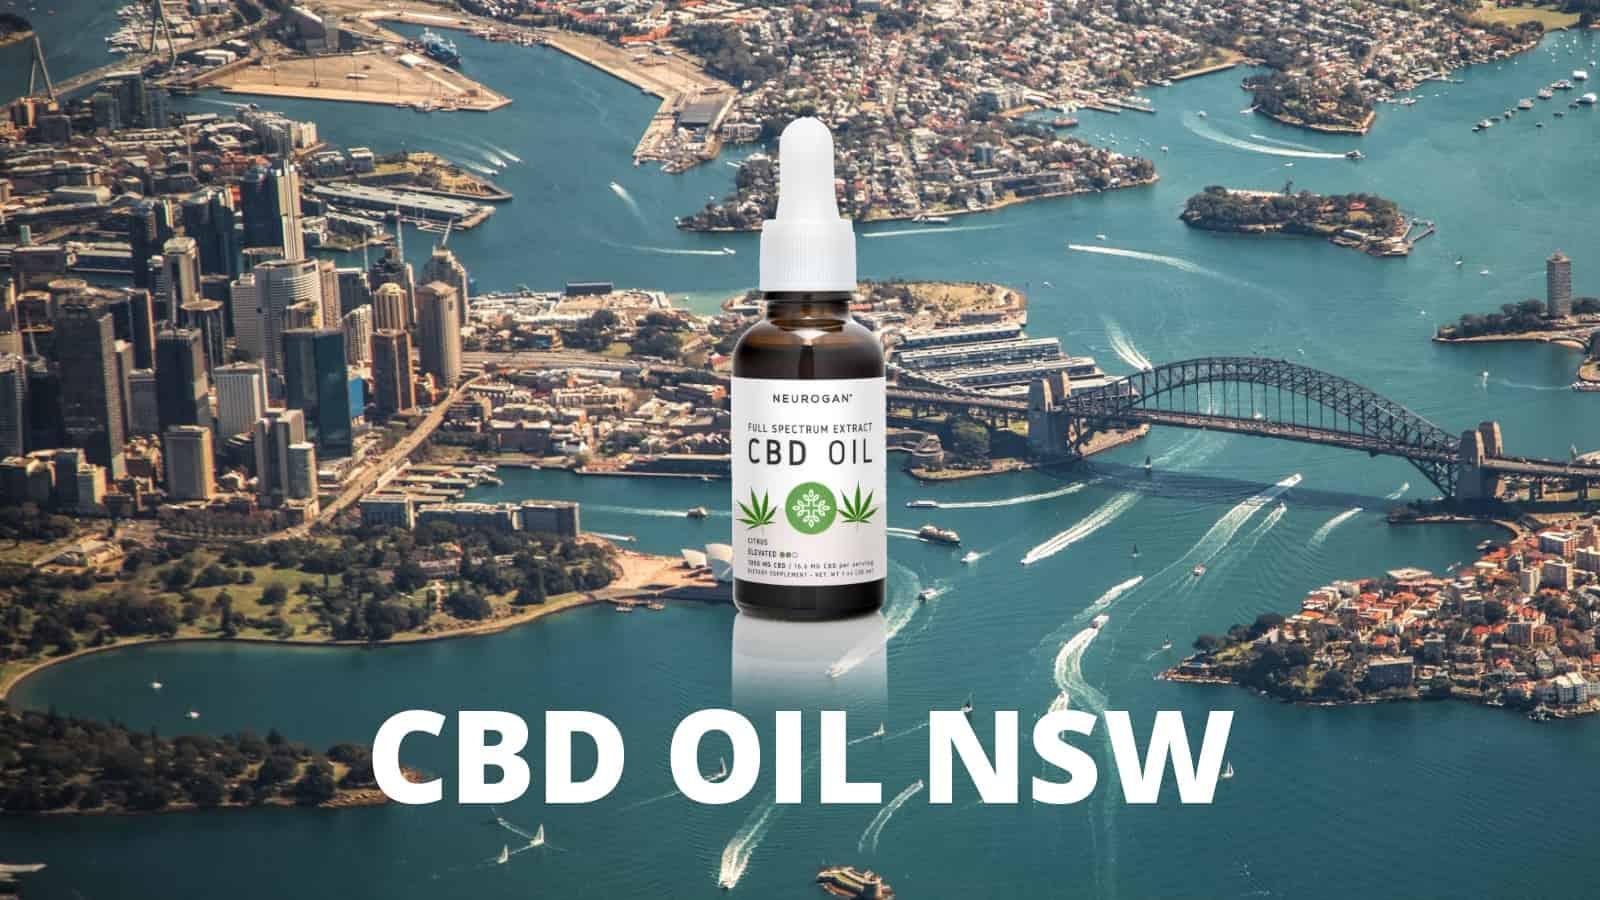 Is CBD Oil Legal in NSW?